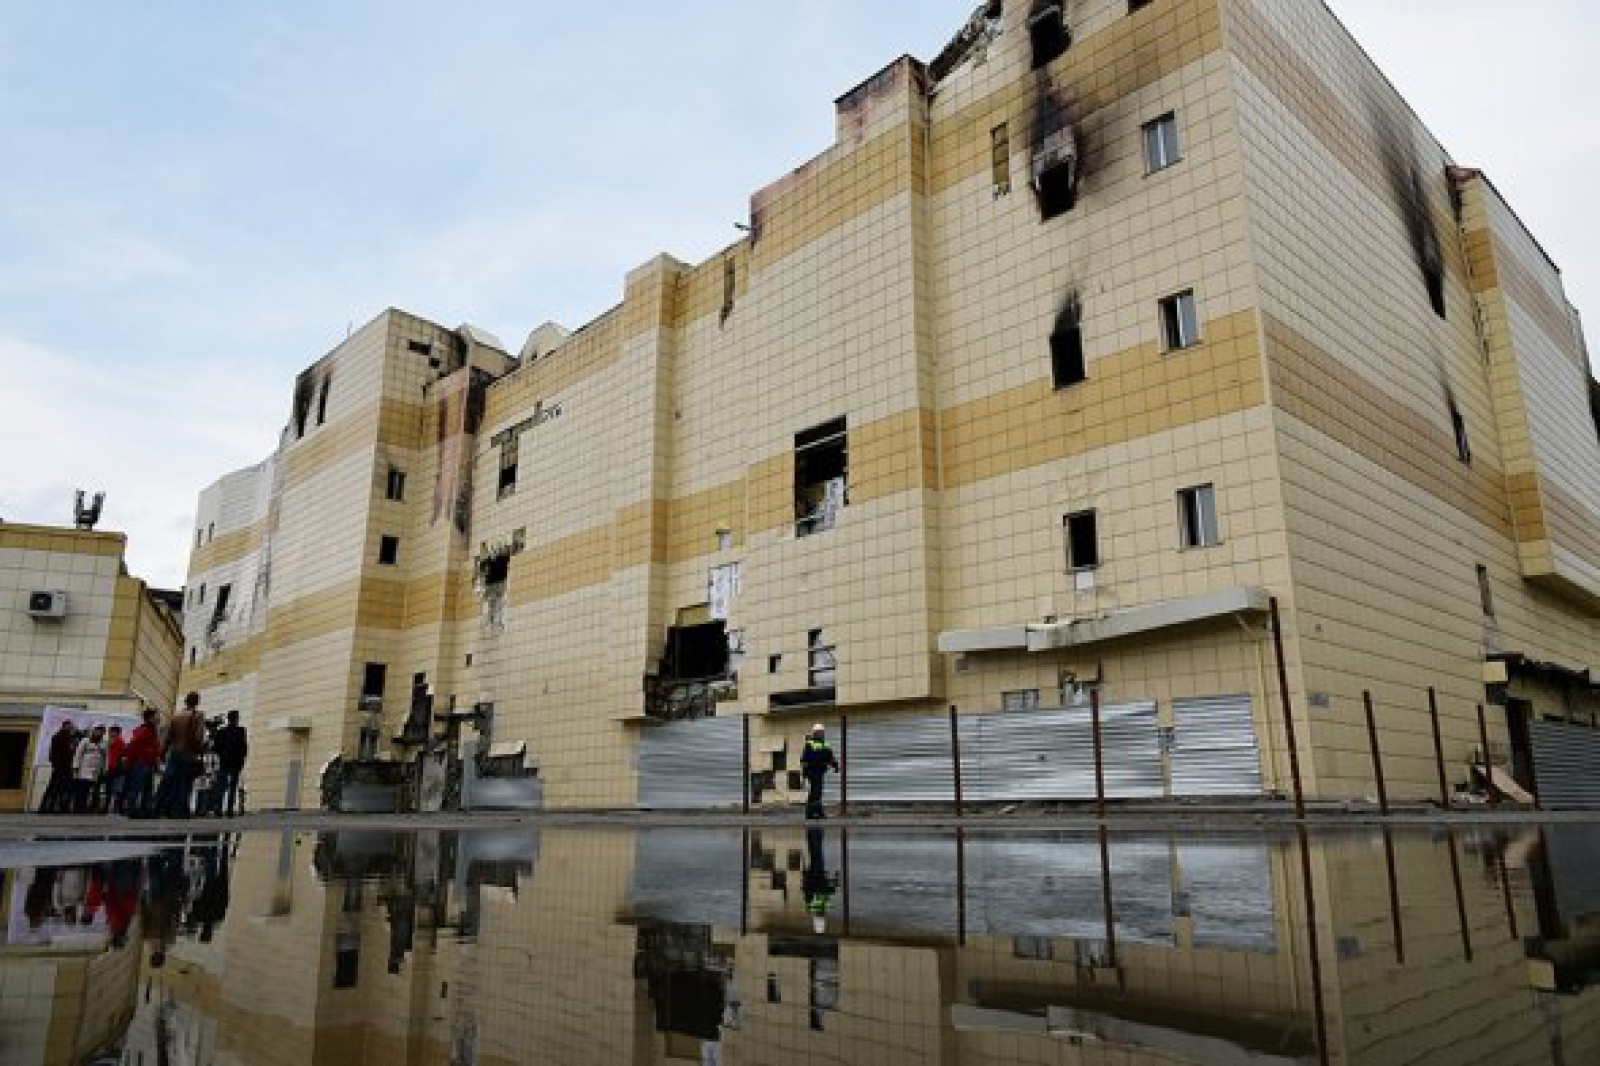 (foto) Kemerovo: Clădirea centrului comercial, unde 60 de persoane printre care majoritatea copii au decedat în incendiu, a început să fie demolată